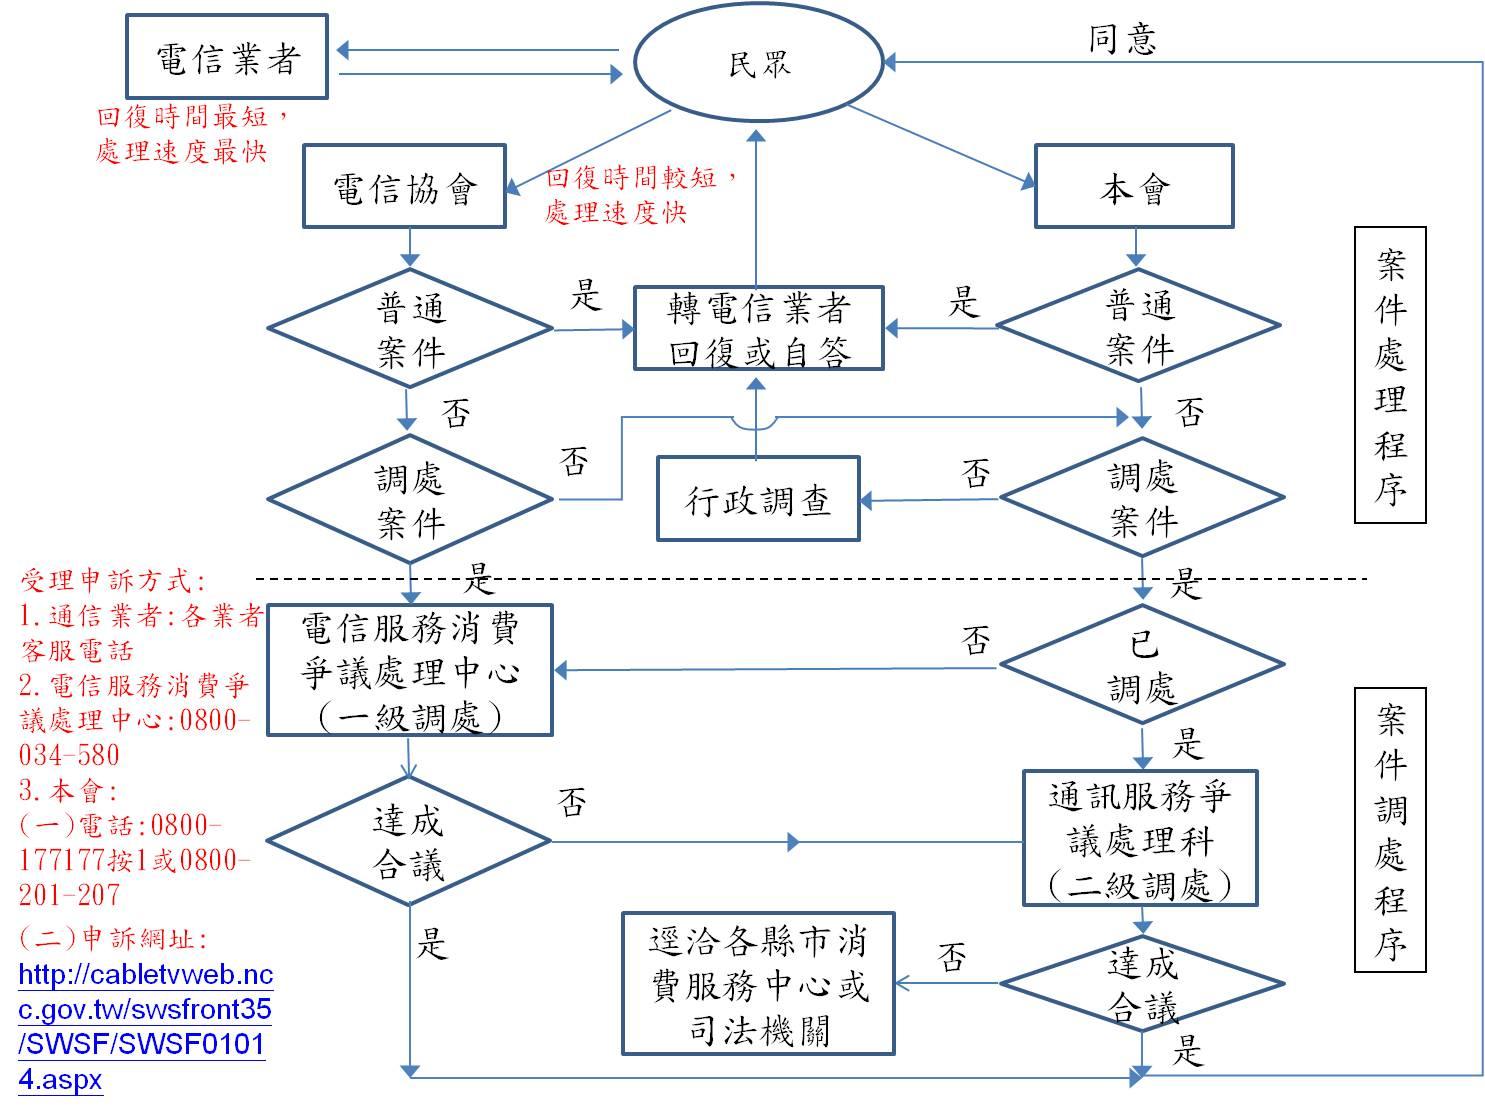 申訴作業流程